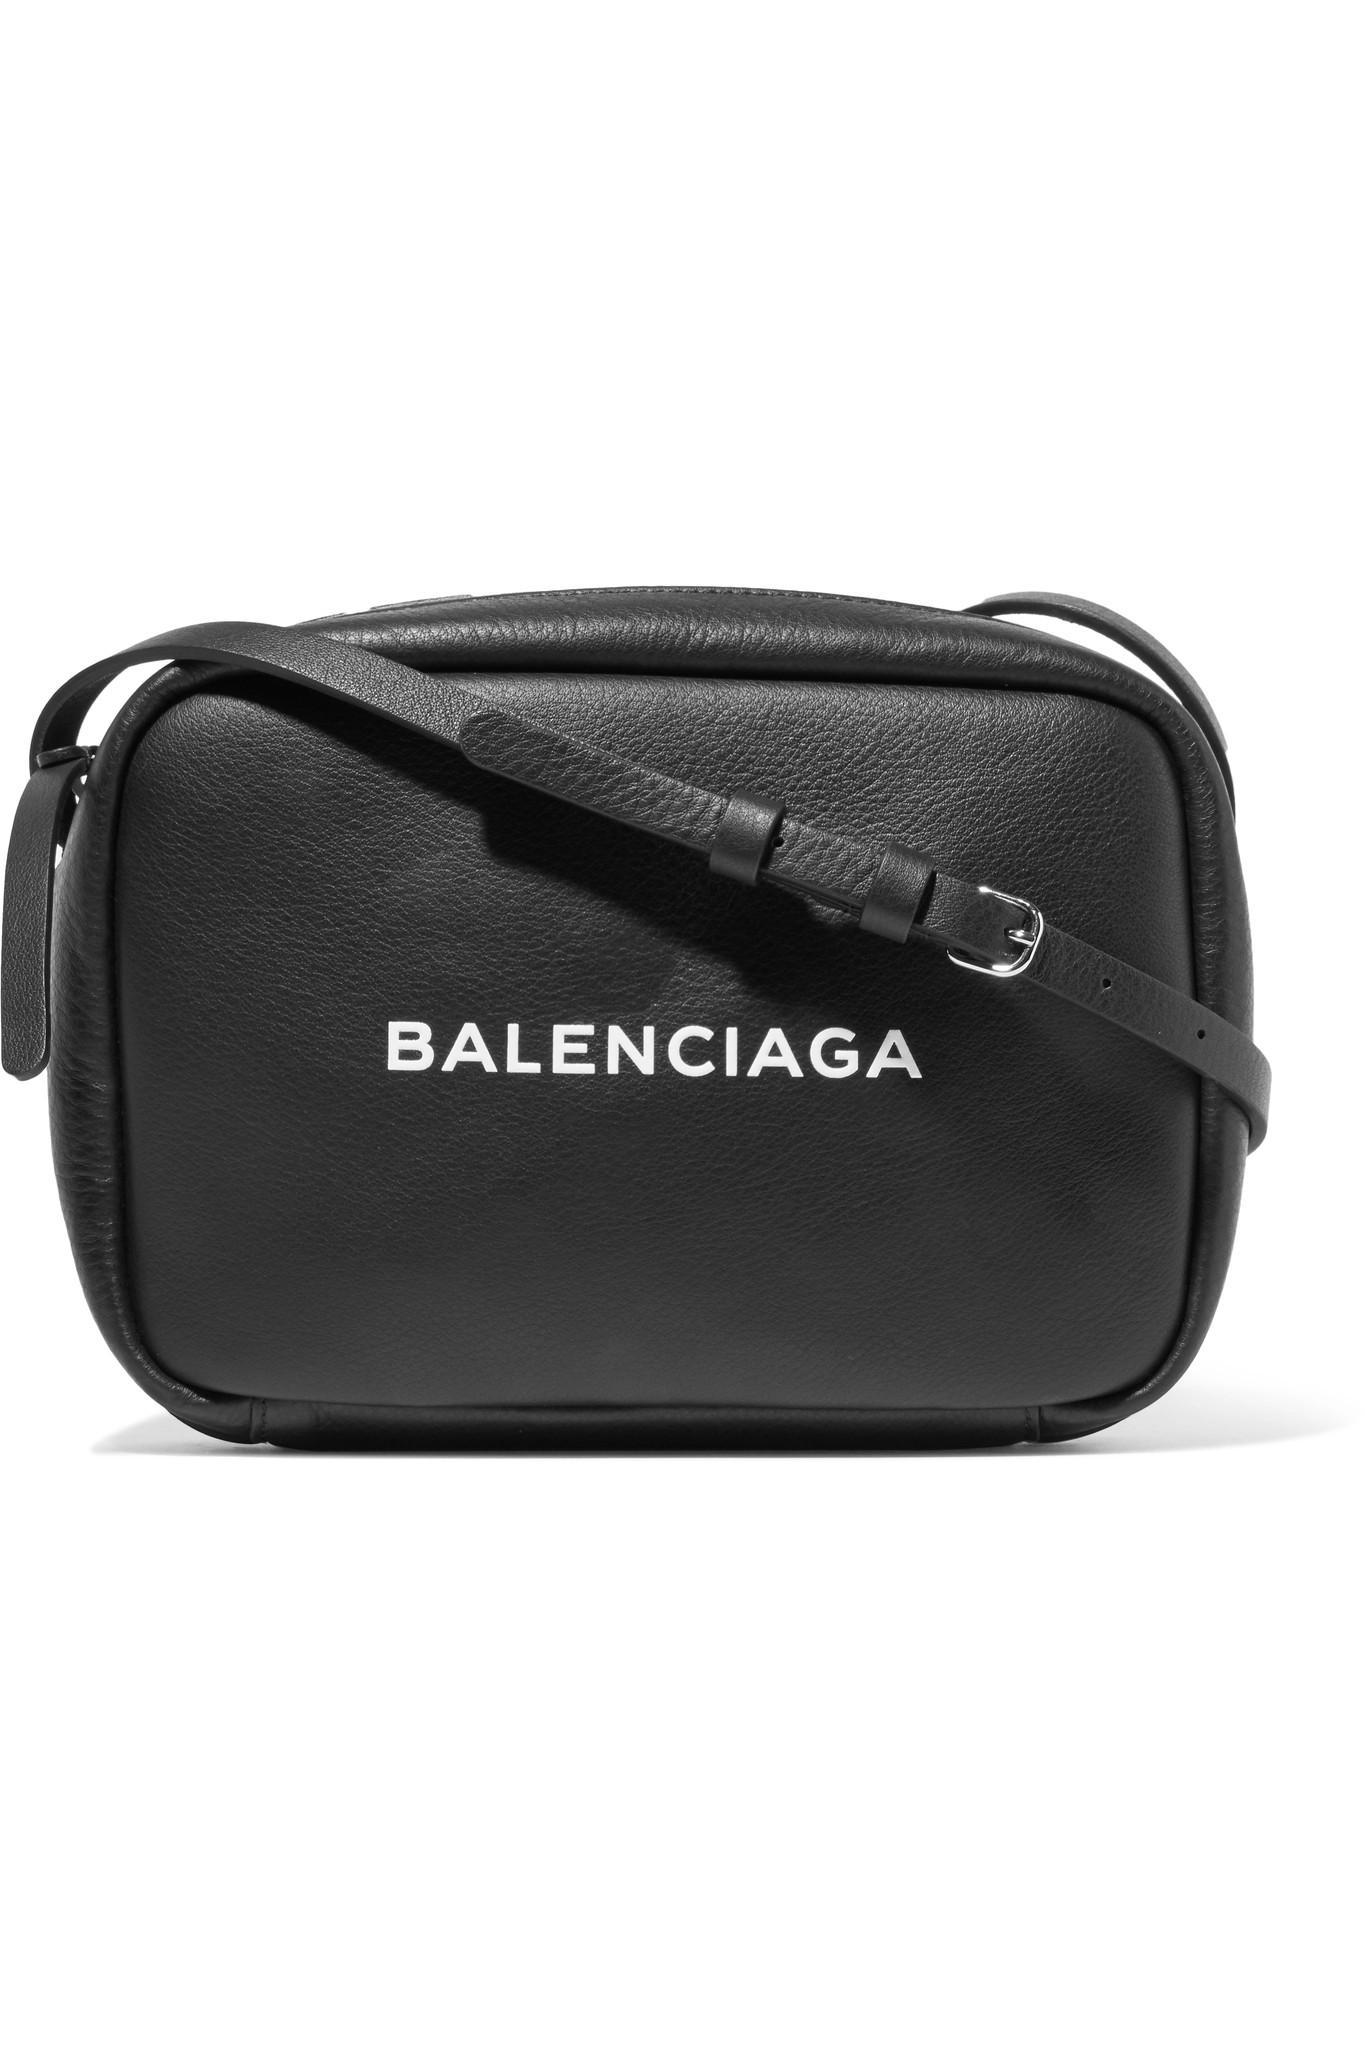 Balenciaga Imprimé Sac Photo-cuir Texturé - Blanc Livraison Gratuite Moins Cher Vraiment En Ligne Offre La Vente En Ligne lYLVCZN